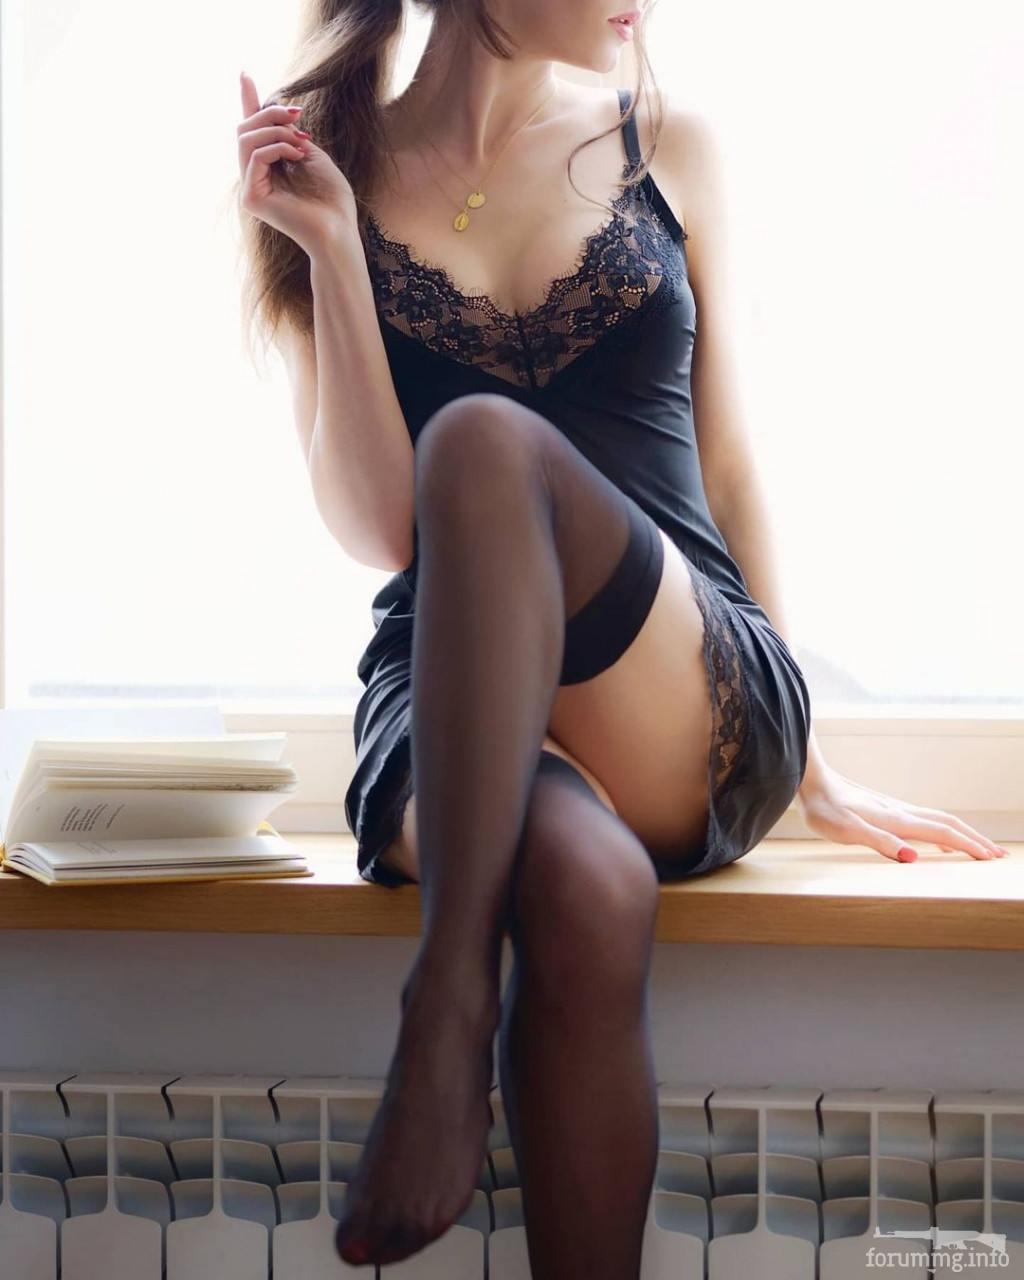 116127 - Красивые женщины